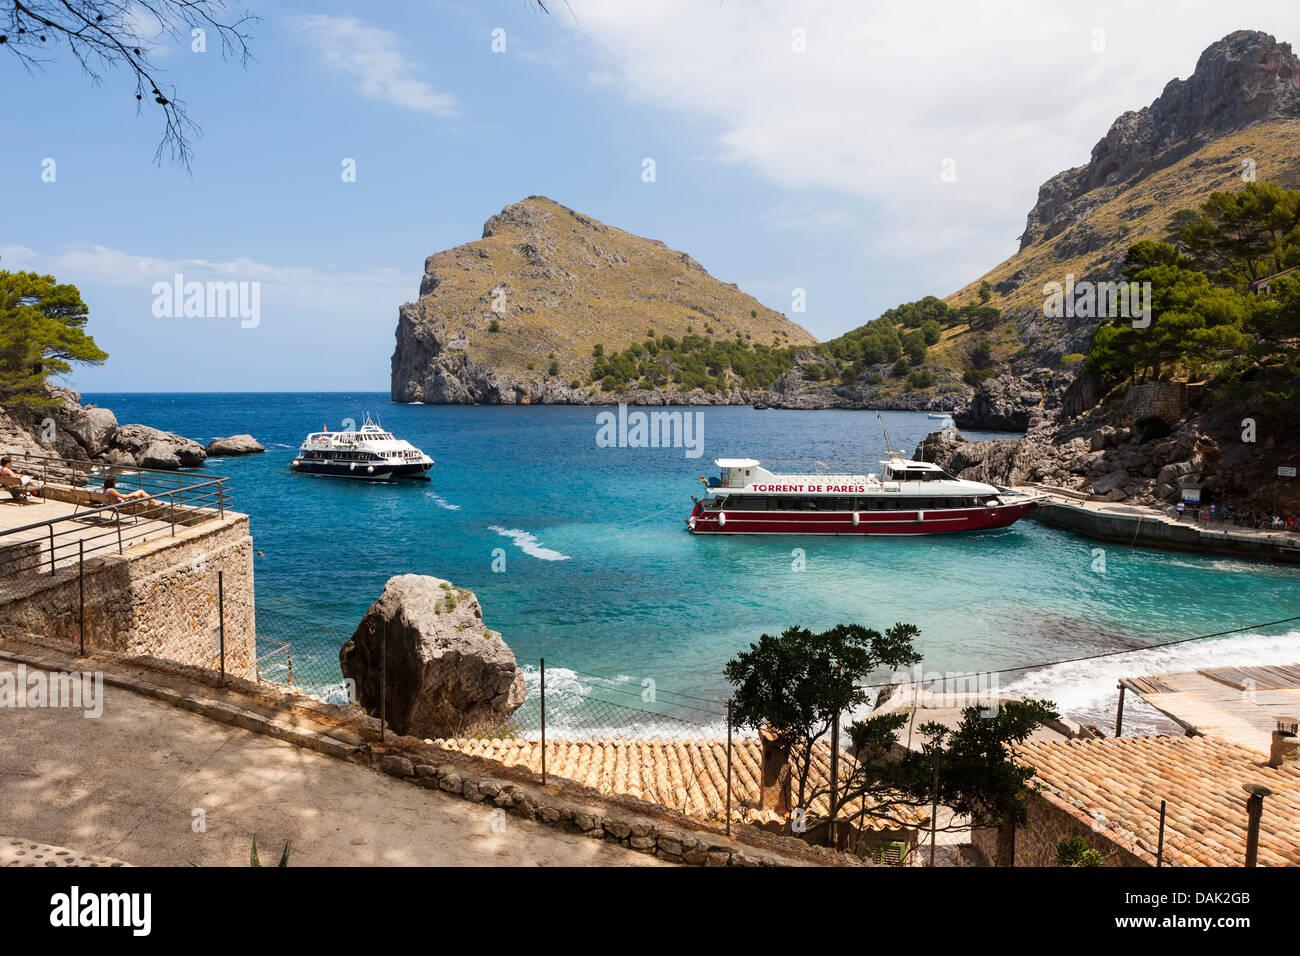 Spain, Majorca, View of Ferries in bay of Sa Calobra - Stock Image